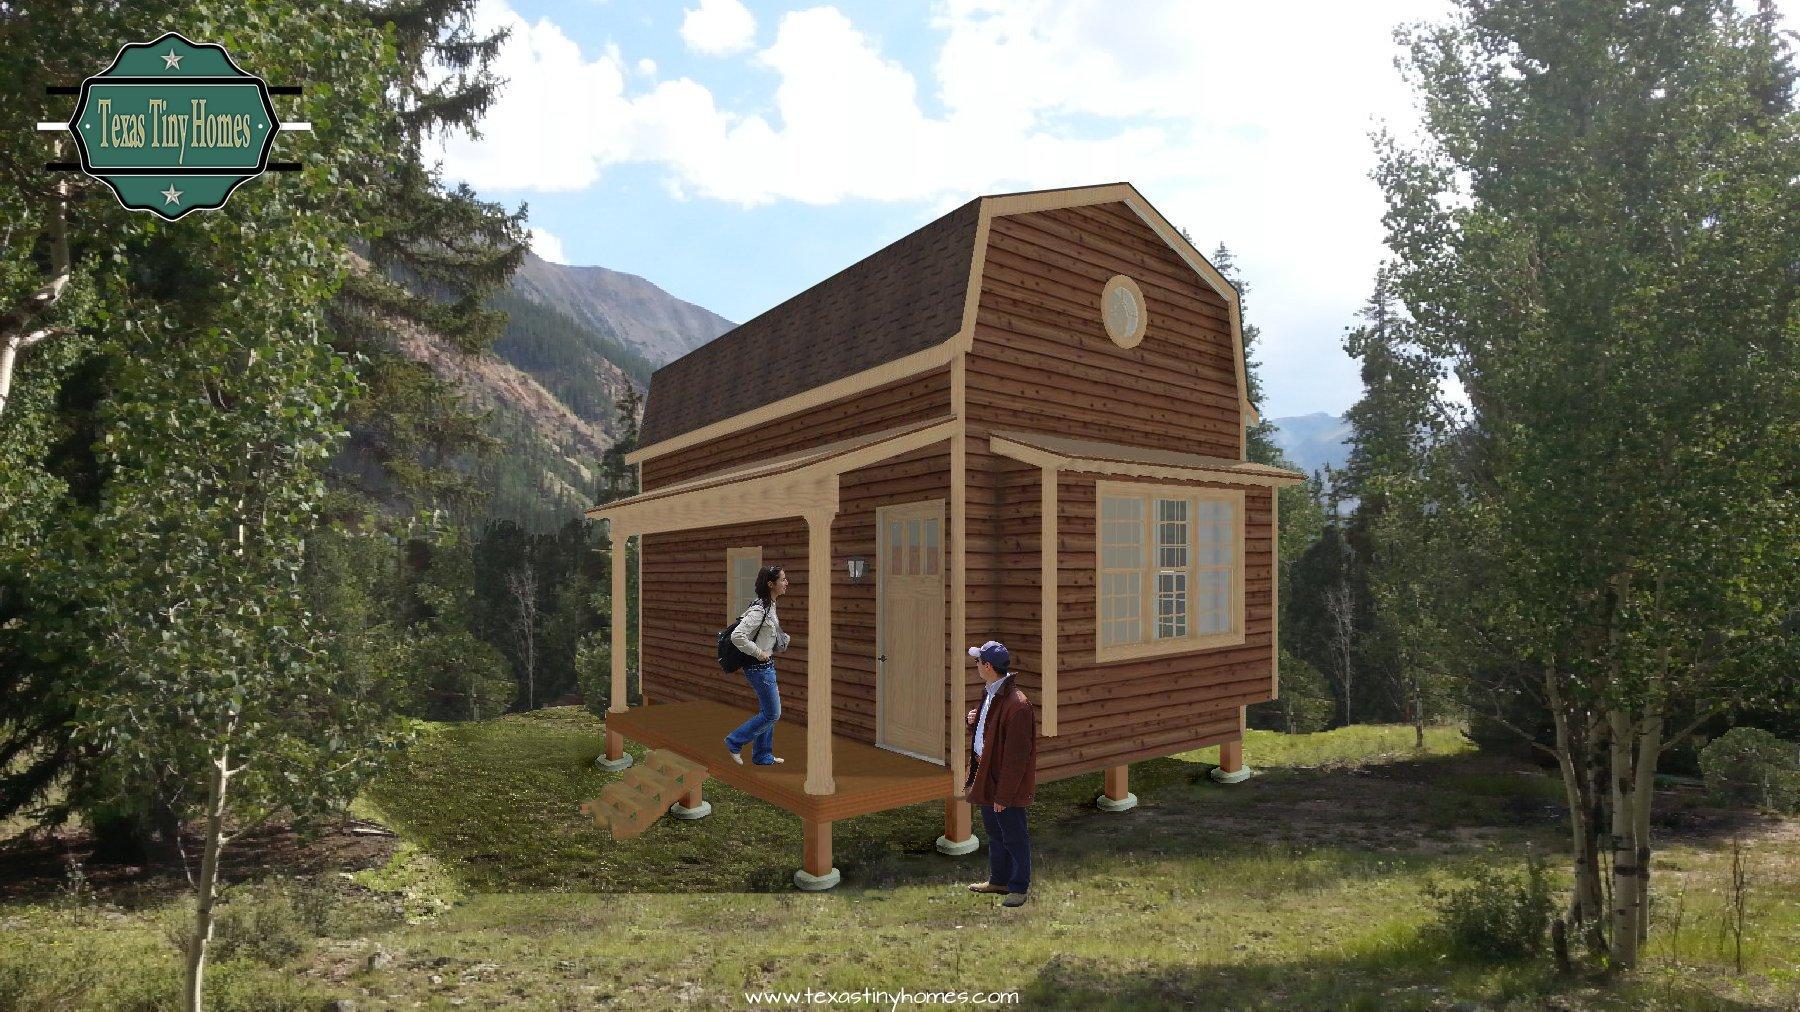 Tiny Houses, Small Houses, Tiny House Lots, Small House Lots, Small Home Plans, Guest House Plans, Mother In Law Suites, Mother In Law House Plans, Small Homes Texas, Texas Tiny Homes, Fort Worth Tiny Homes,